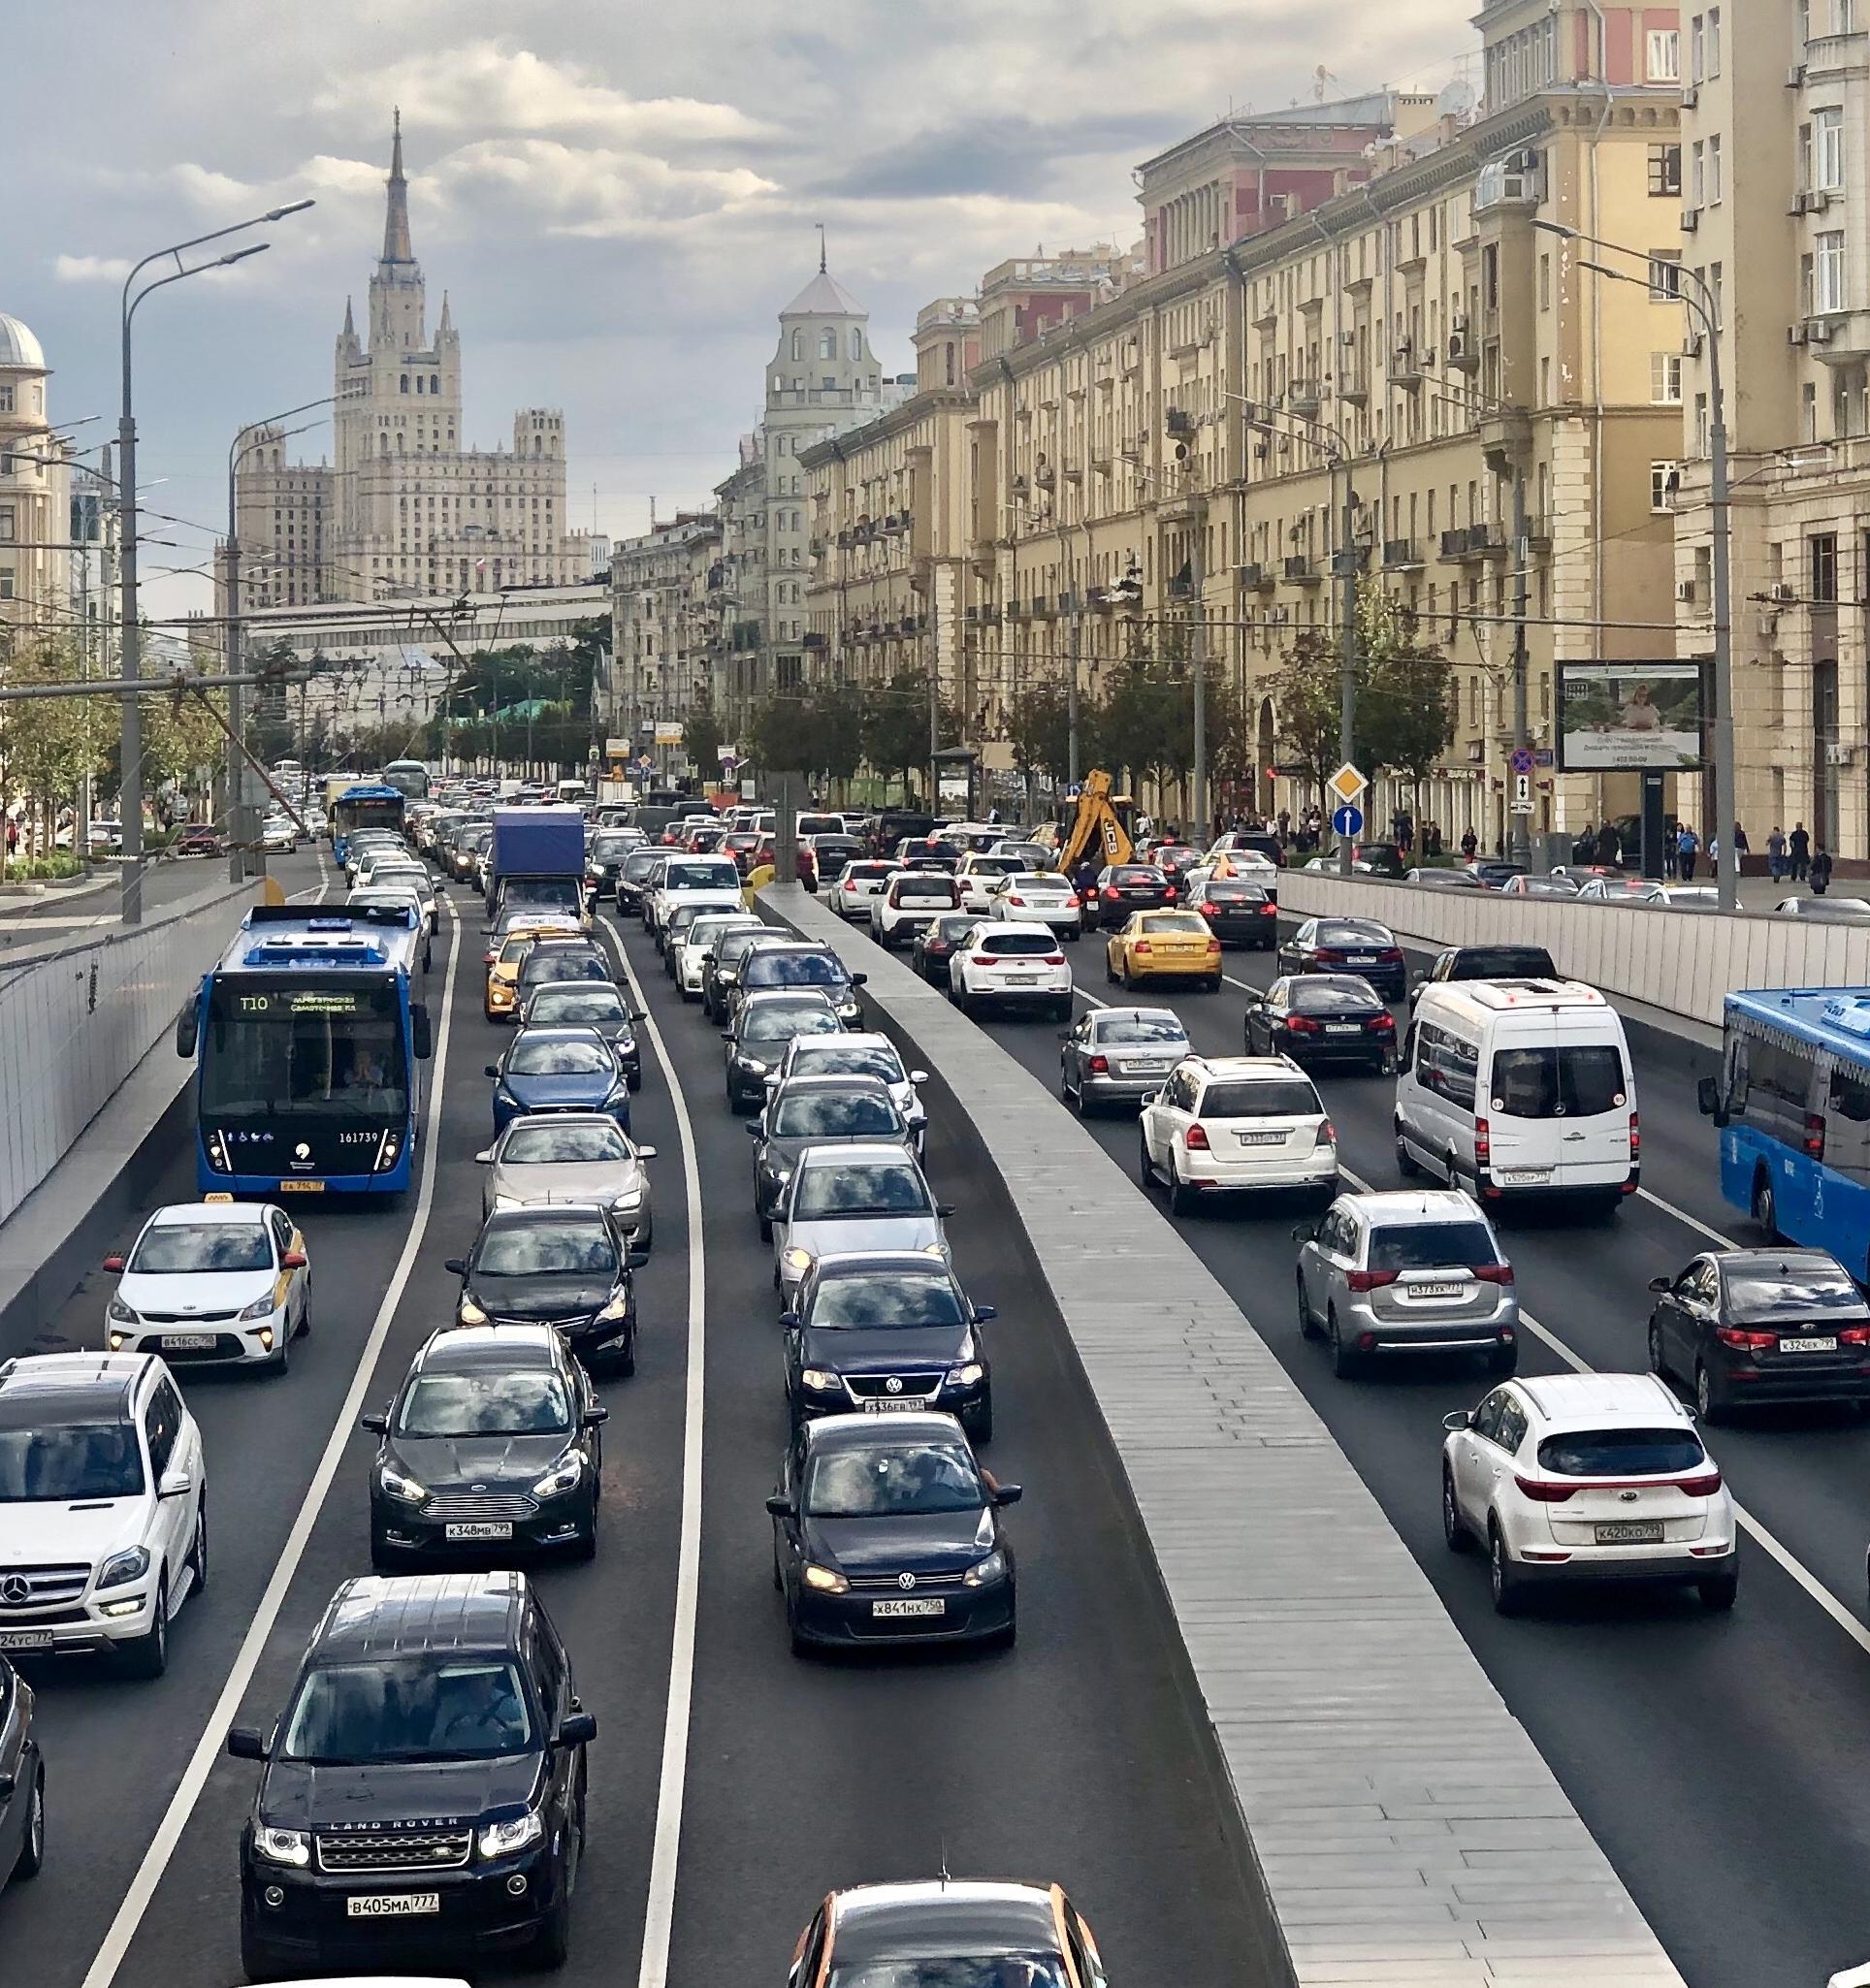 Выбросы в Москве снизились за 10 лет более чем на 20 процентов